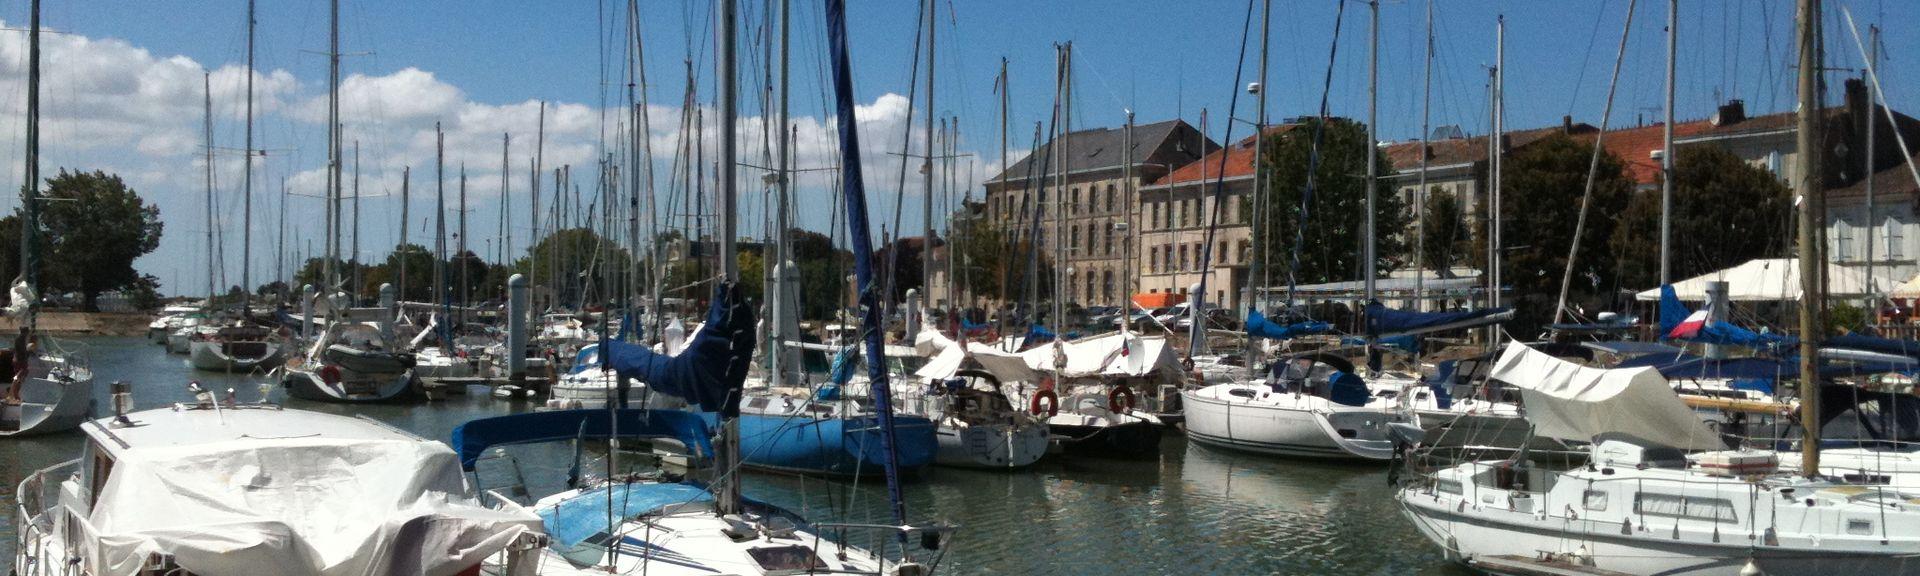 Saint-Bonnet, Nouvelle-Aquitaine, France